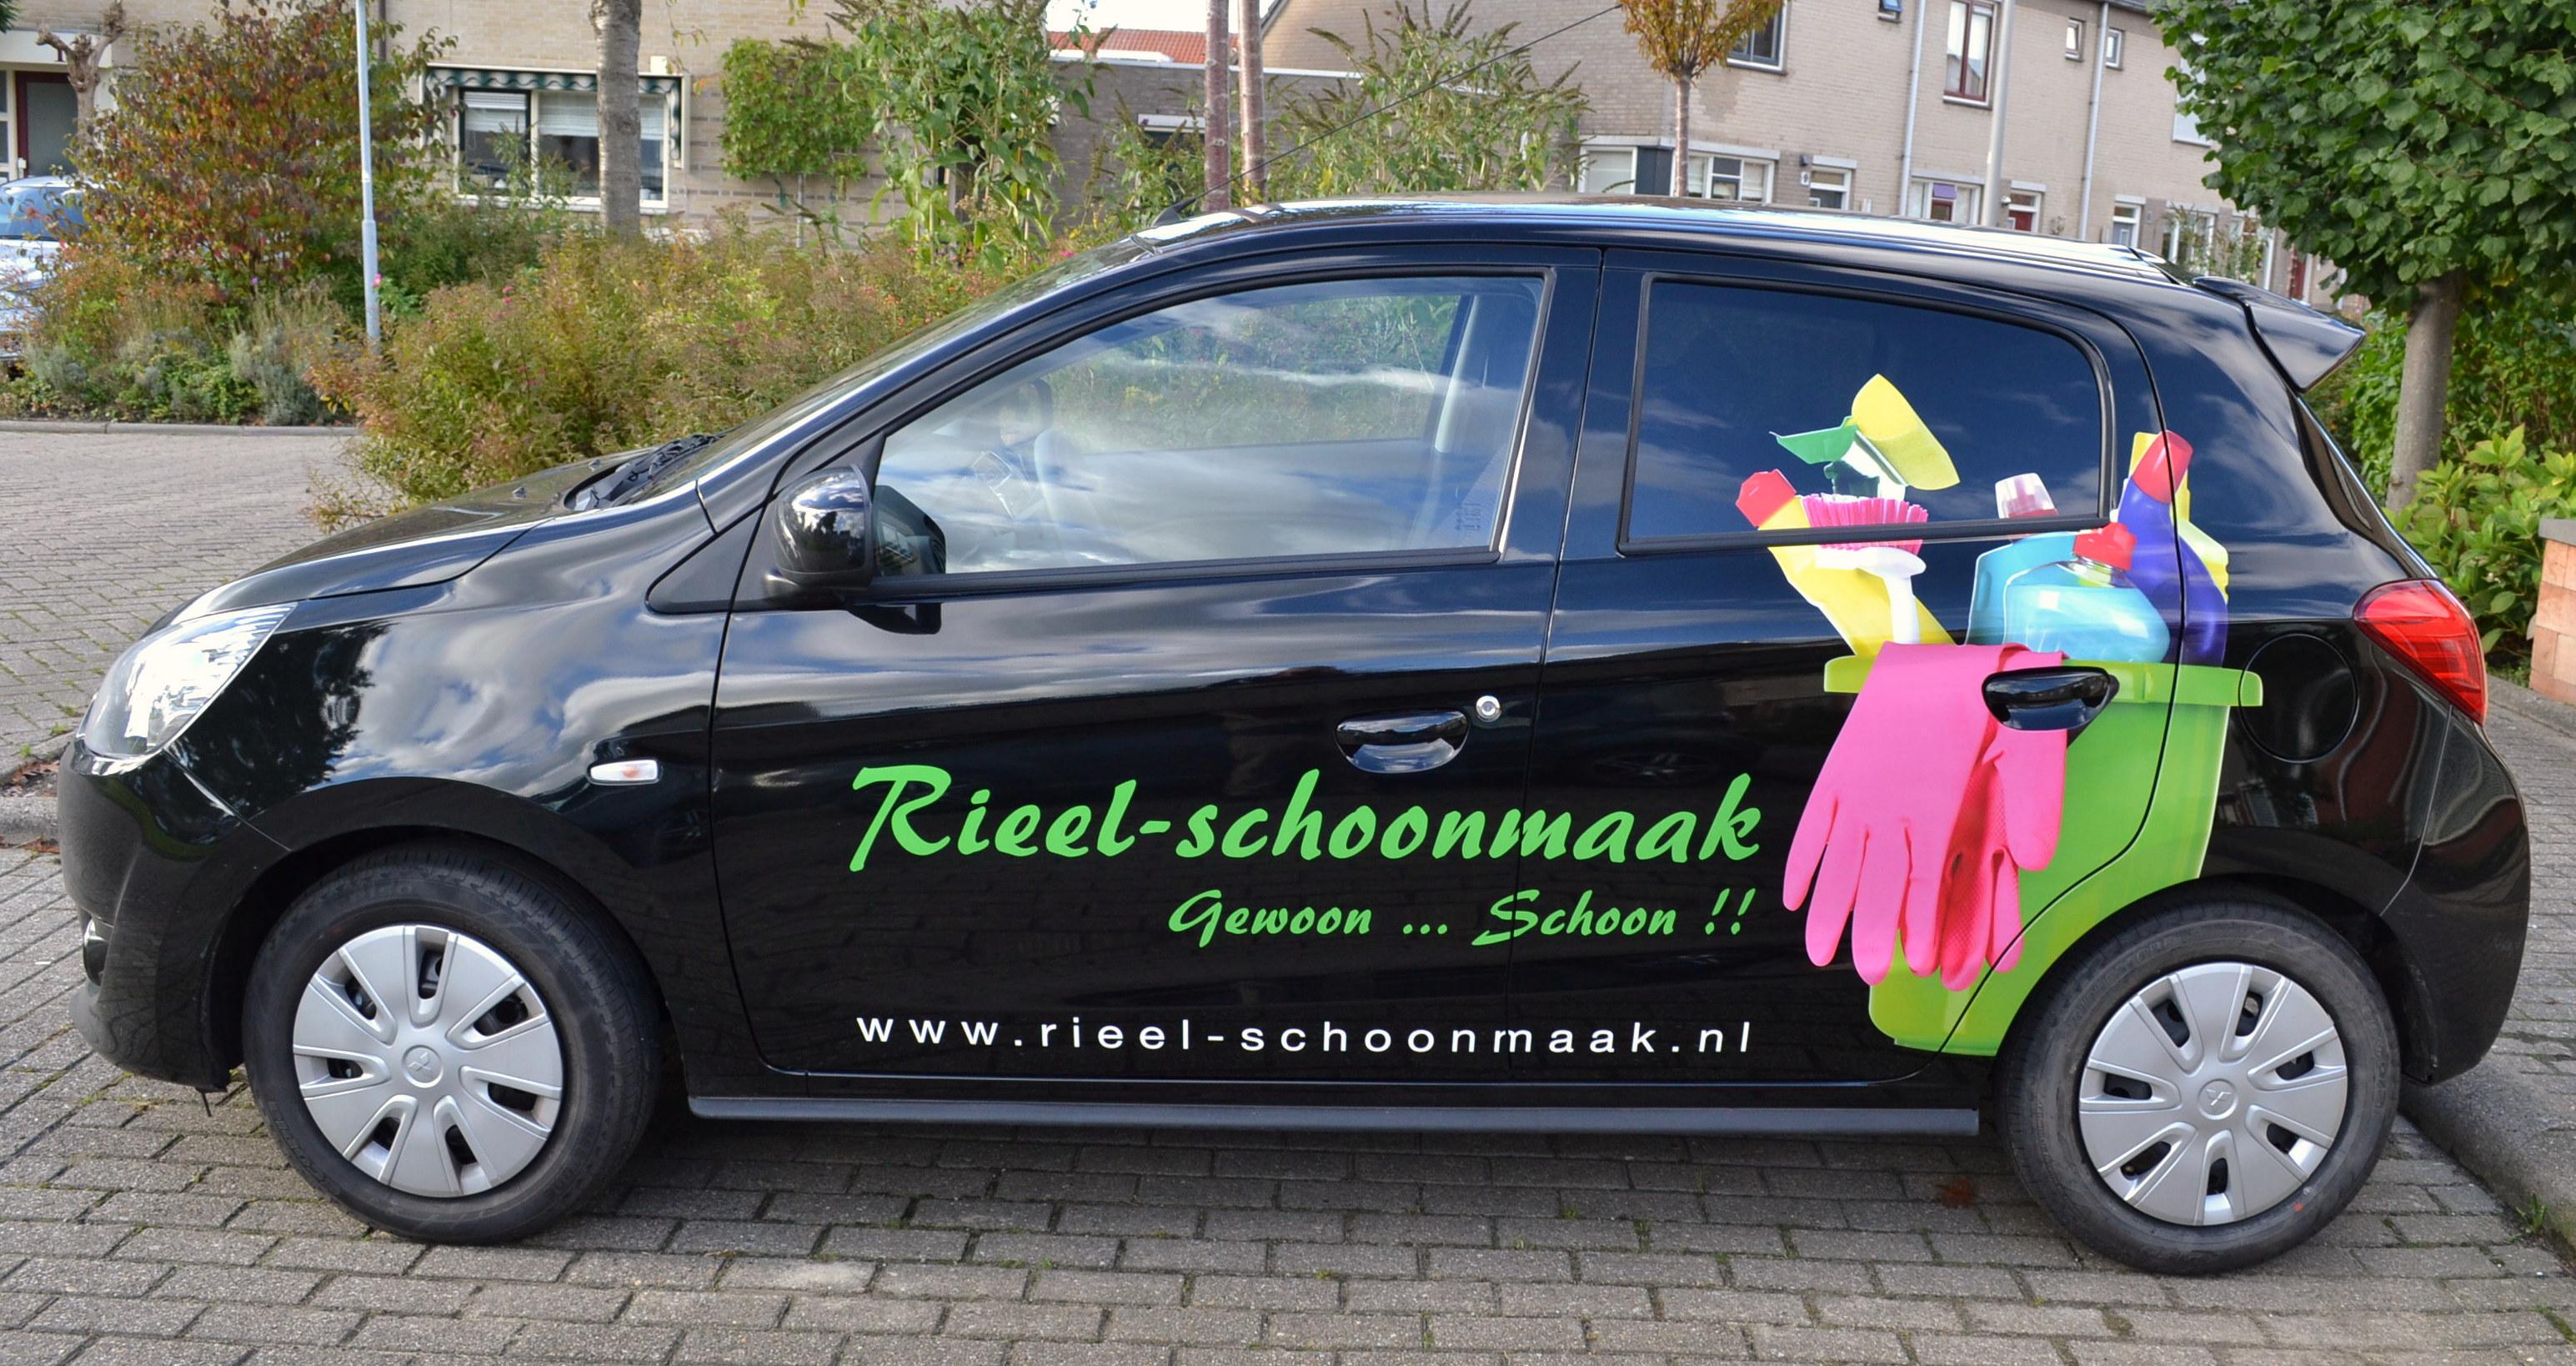 Impact reclame op bedrijfsbusje - Commercie en marketing ...